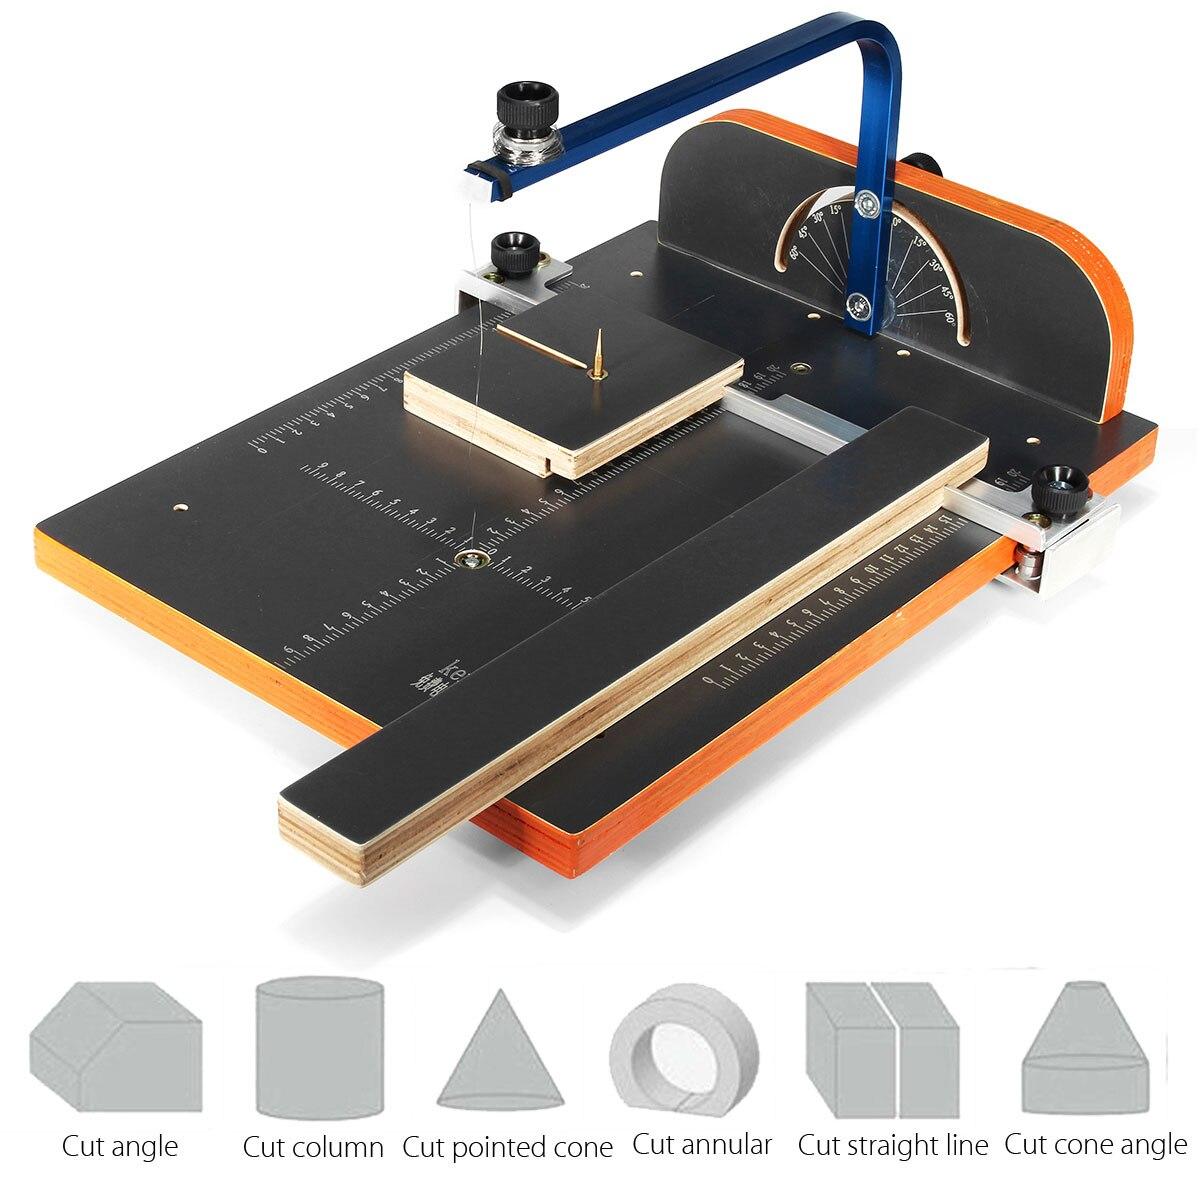 KD 6 220V ertical Foam Cutter Hot Wire Foam Cutting Machine Working Stand Table Tool Styrofoam